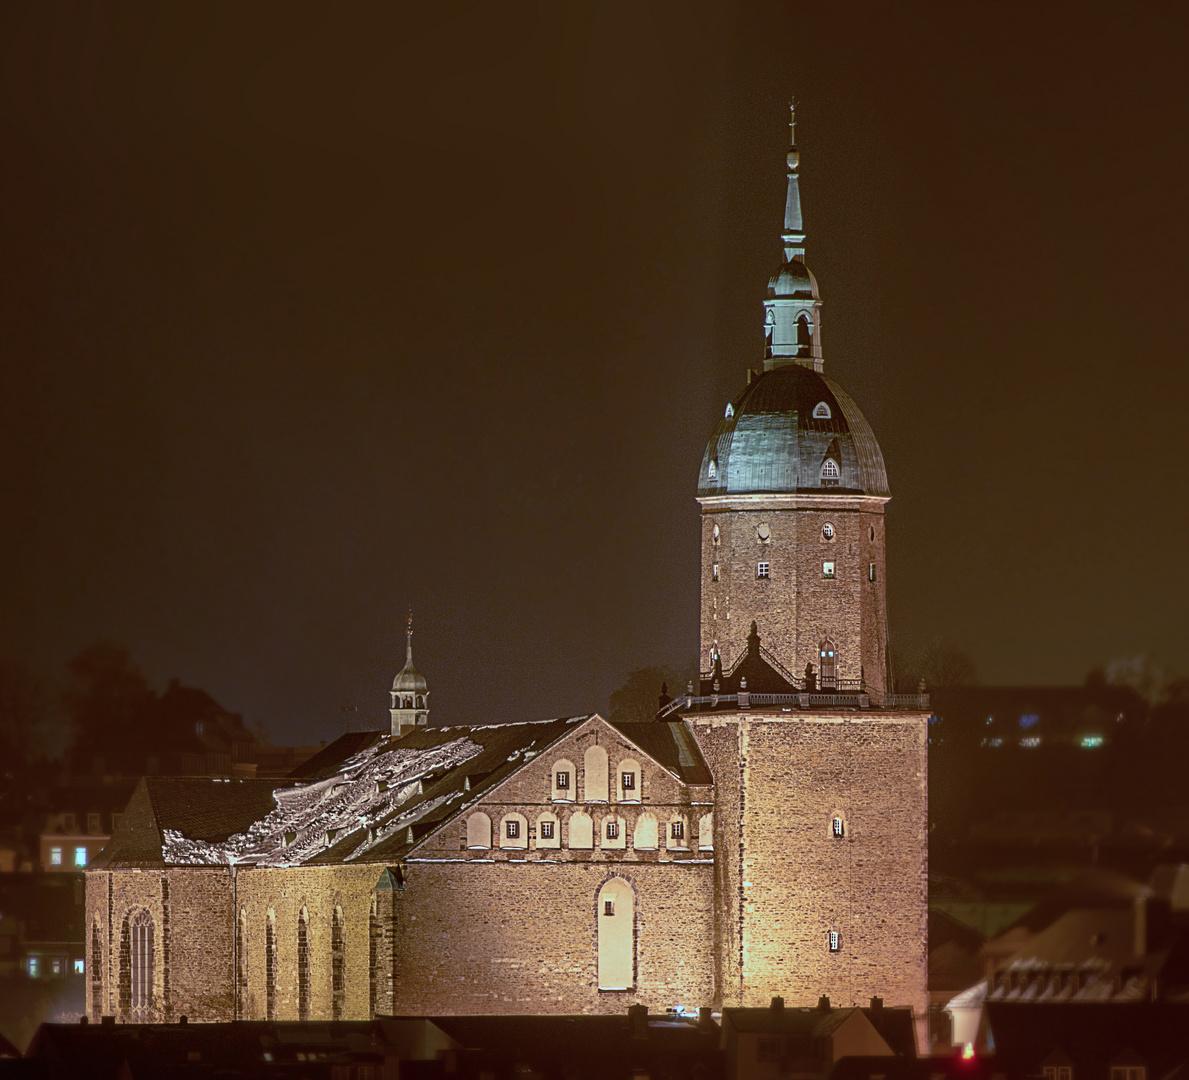 St. Annenkirche in Annaberg-Buchholz